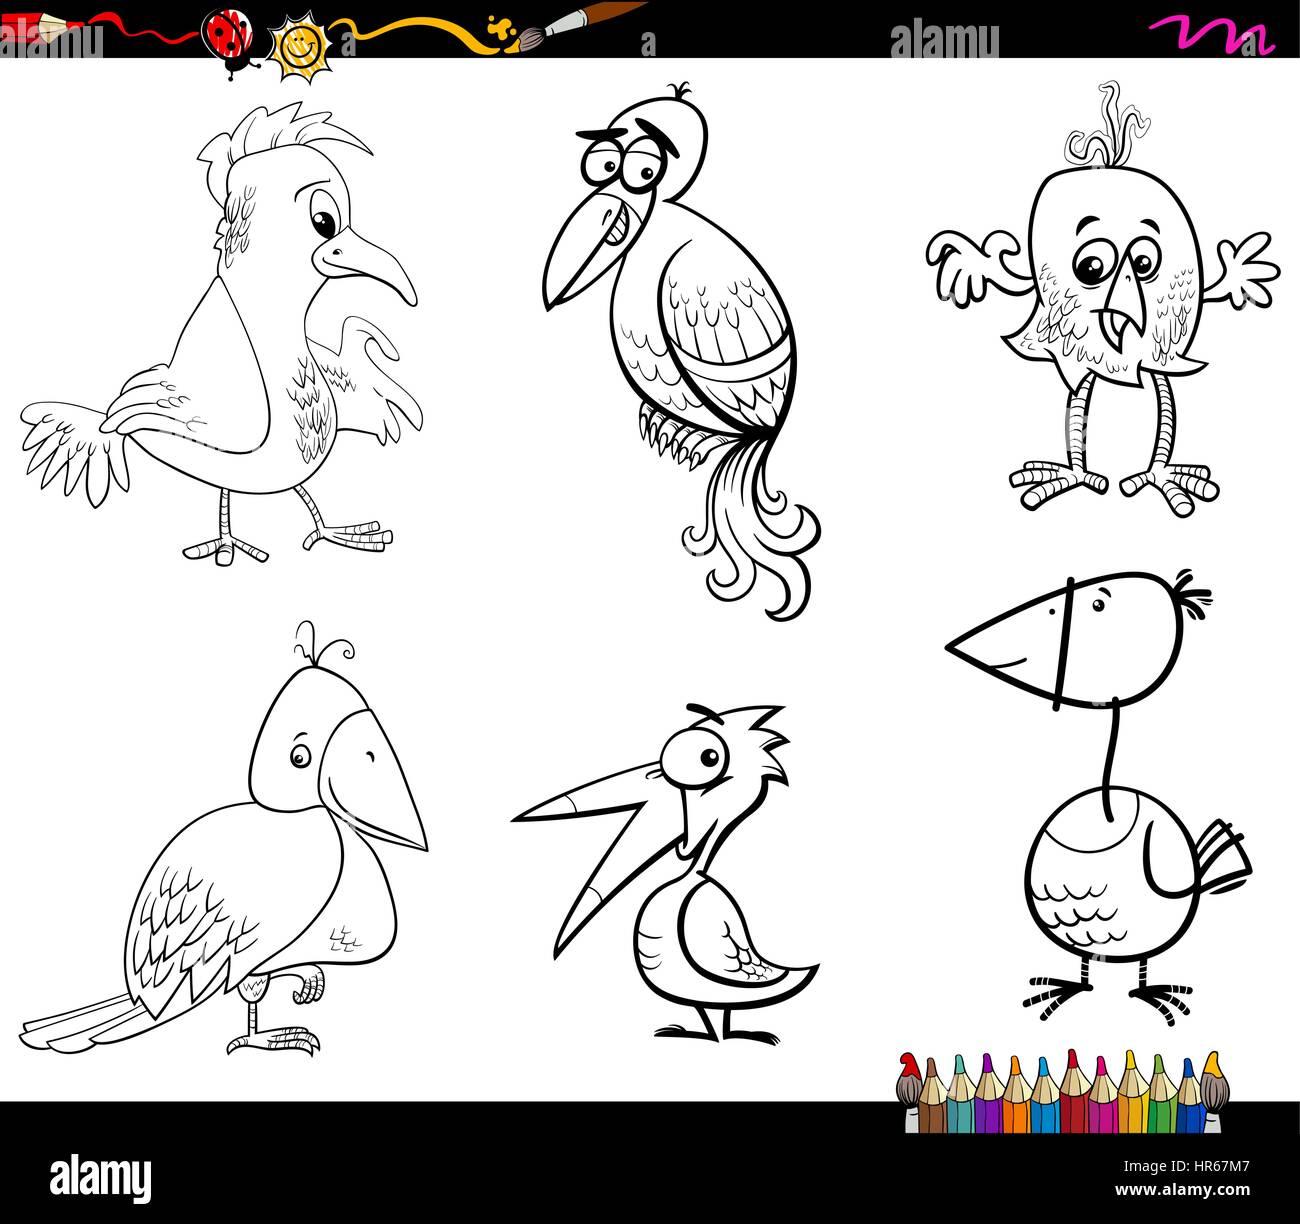 Ilustración Caricatura En Blanco Y Negro De Personajes De Animales